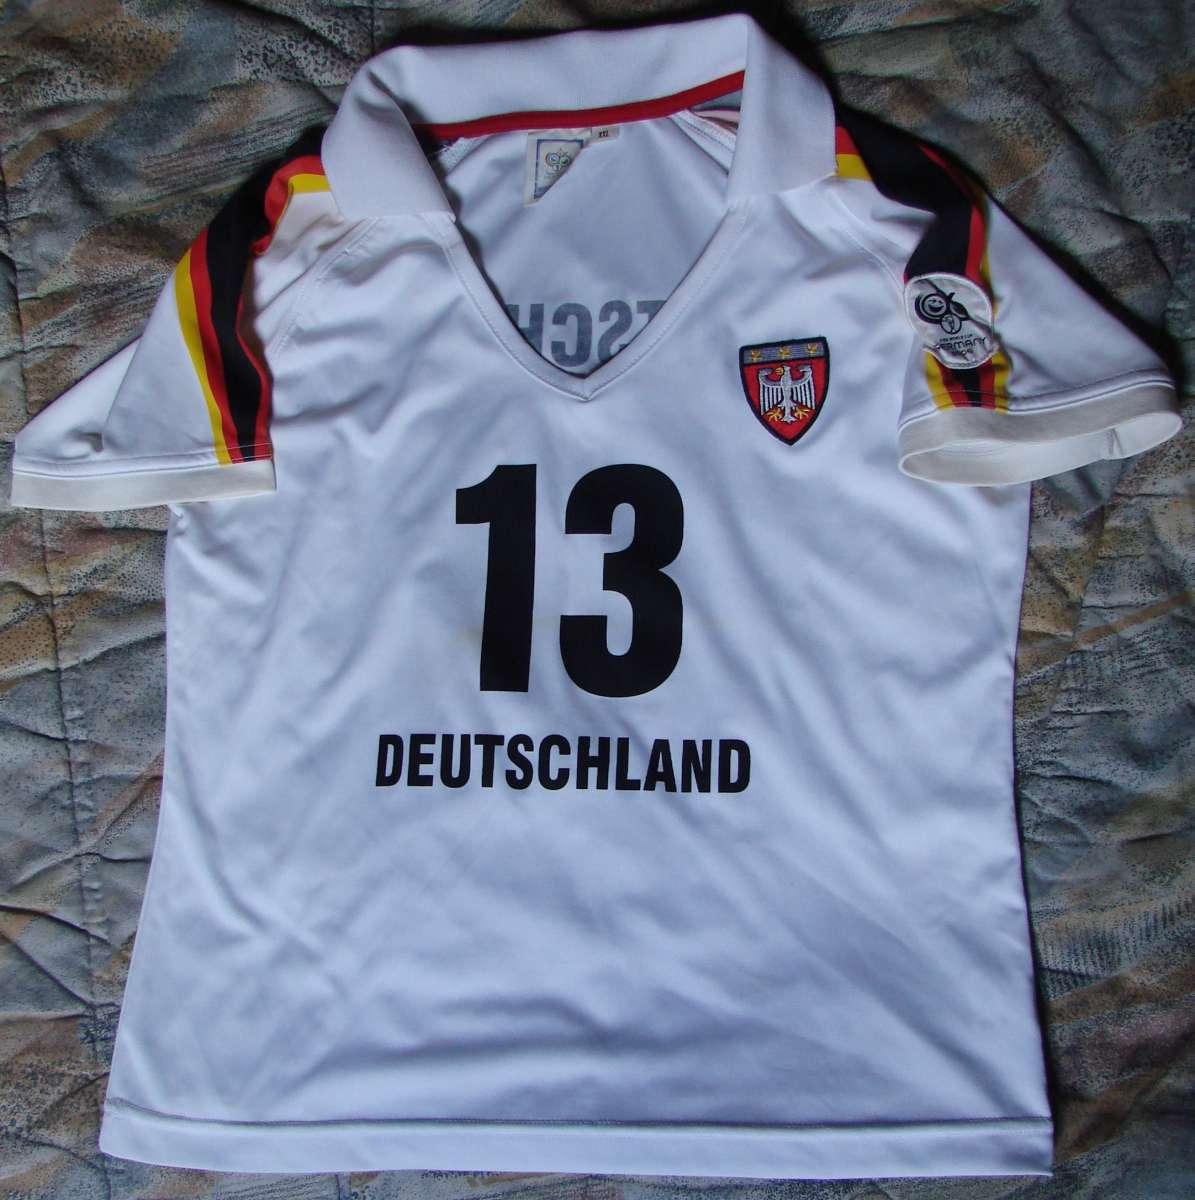 Футболка Deutschland, ріст 158 см